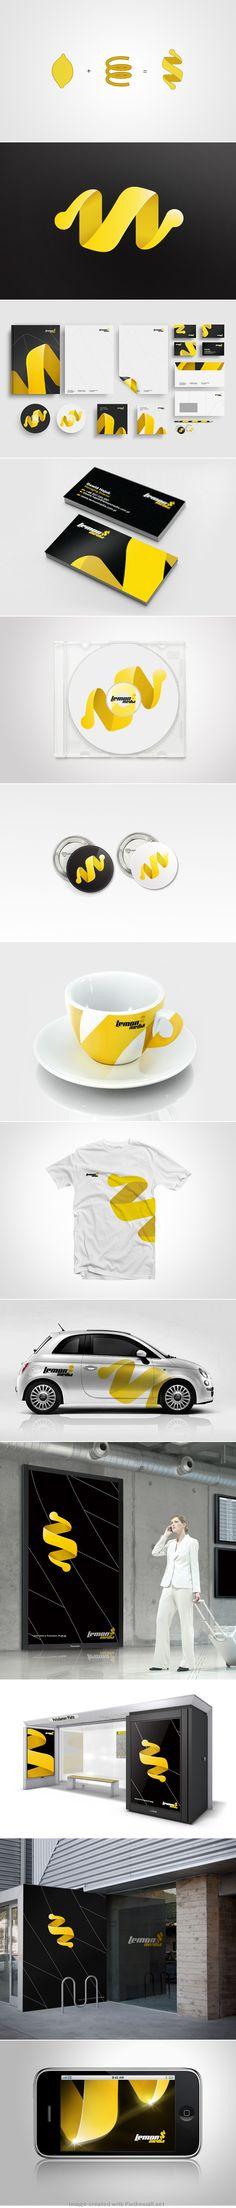 Lemon Media brand identity